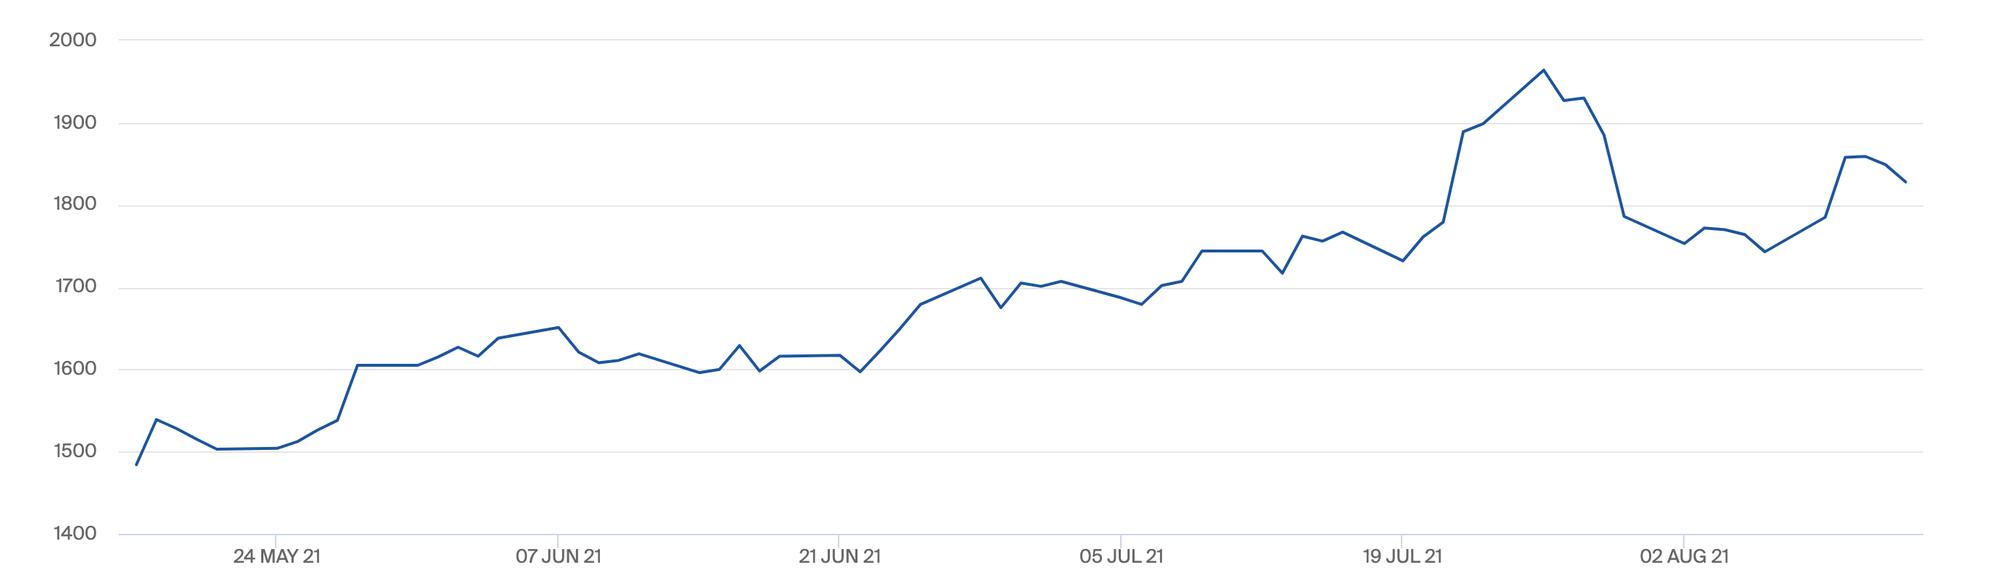 Giá cà phê giảm mạnh sau khi đạt đỉnh 7 năm - Ảnh 1.  Giá cà phê giảm mạnh sau khi đạt đỉnh 7 năm anh chup man hinh 2021 08 15 luc 113103 ch 1629045078480149528981